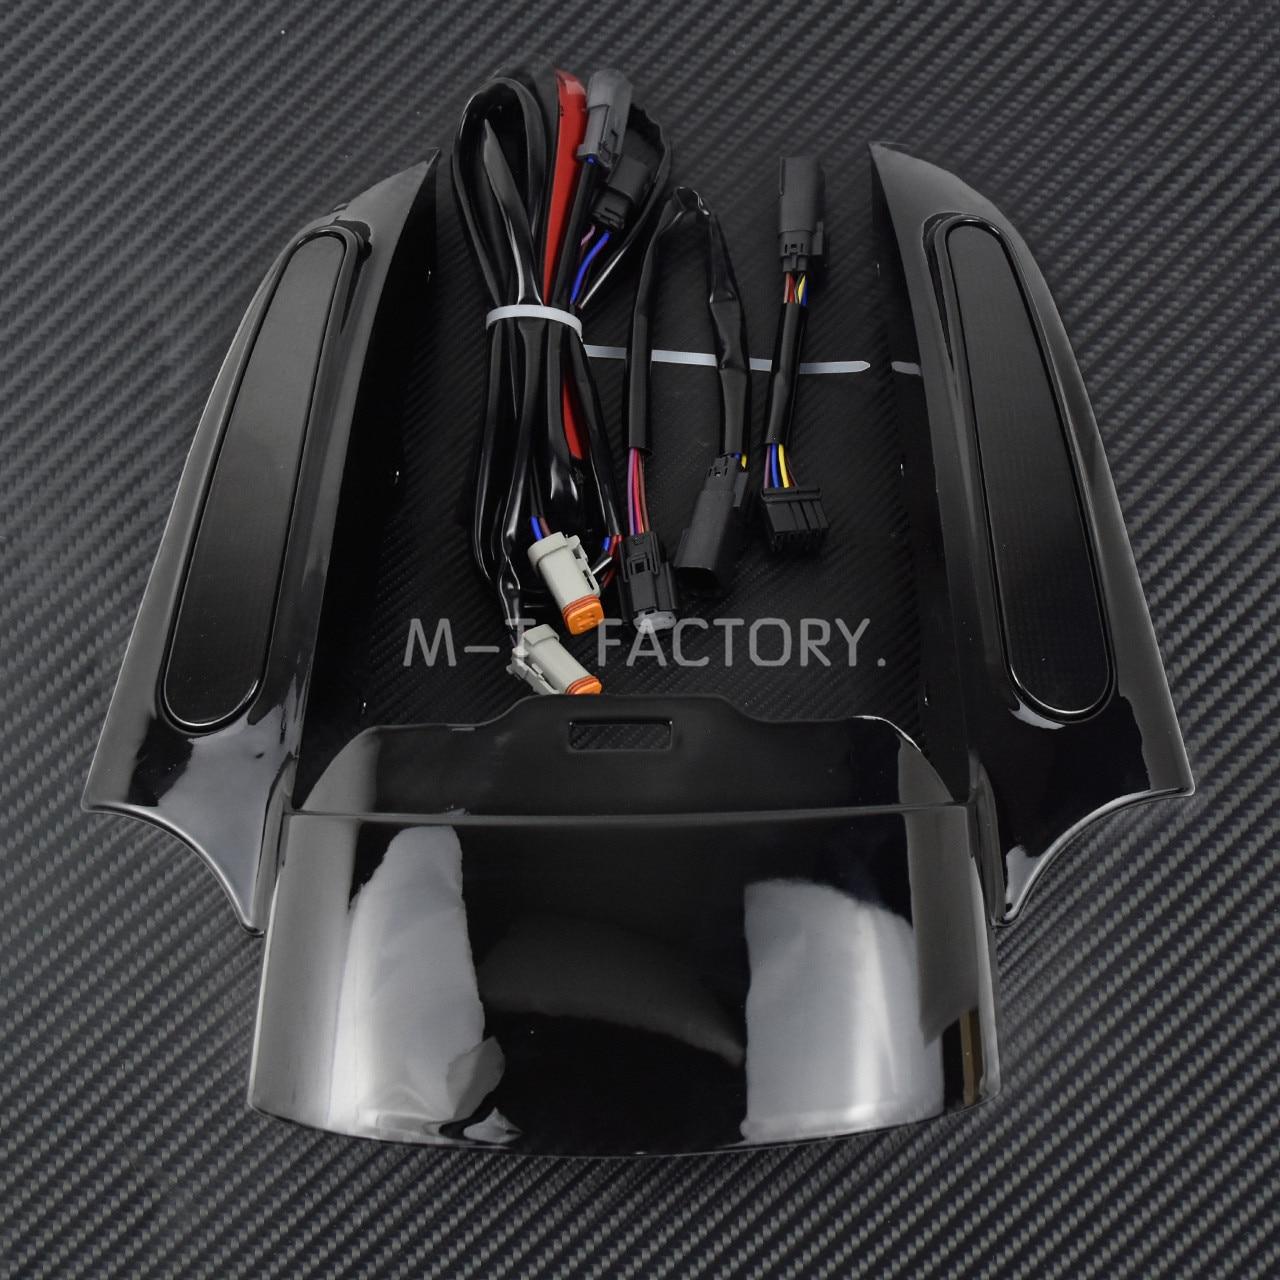 Motocicleta LED luz trasera guardabarros conjunto de fascia negro brillante para Harley Touring Electra Glide camino clásico King CVO deslizamiento callejero - 2